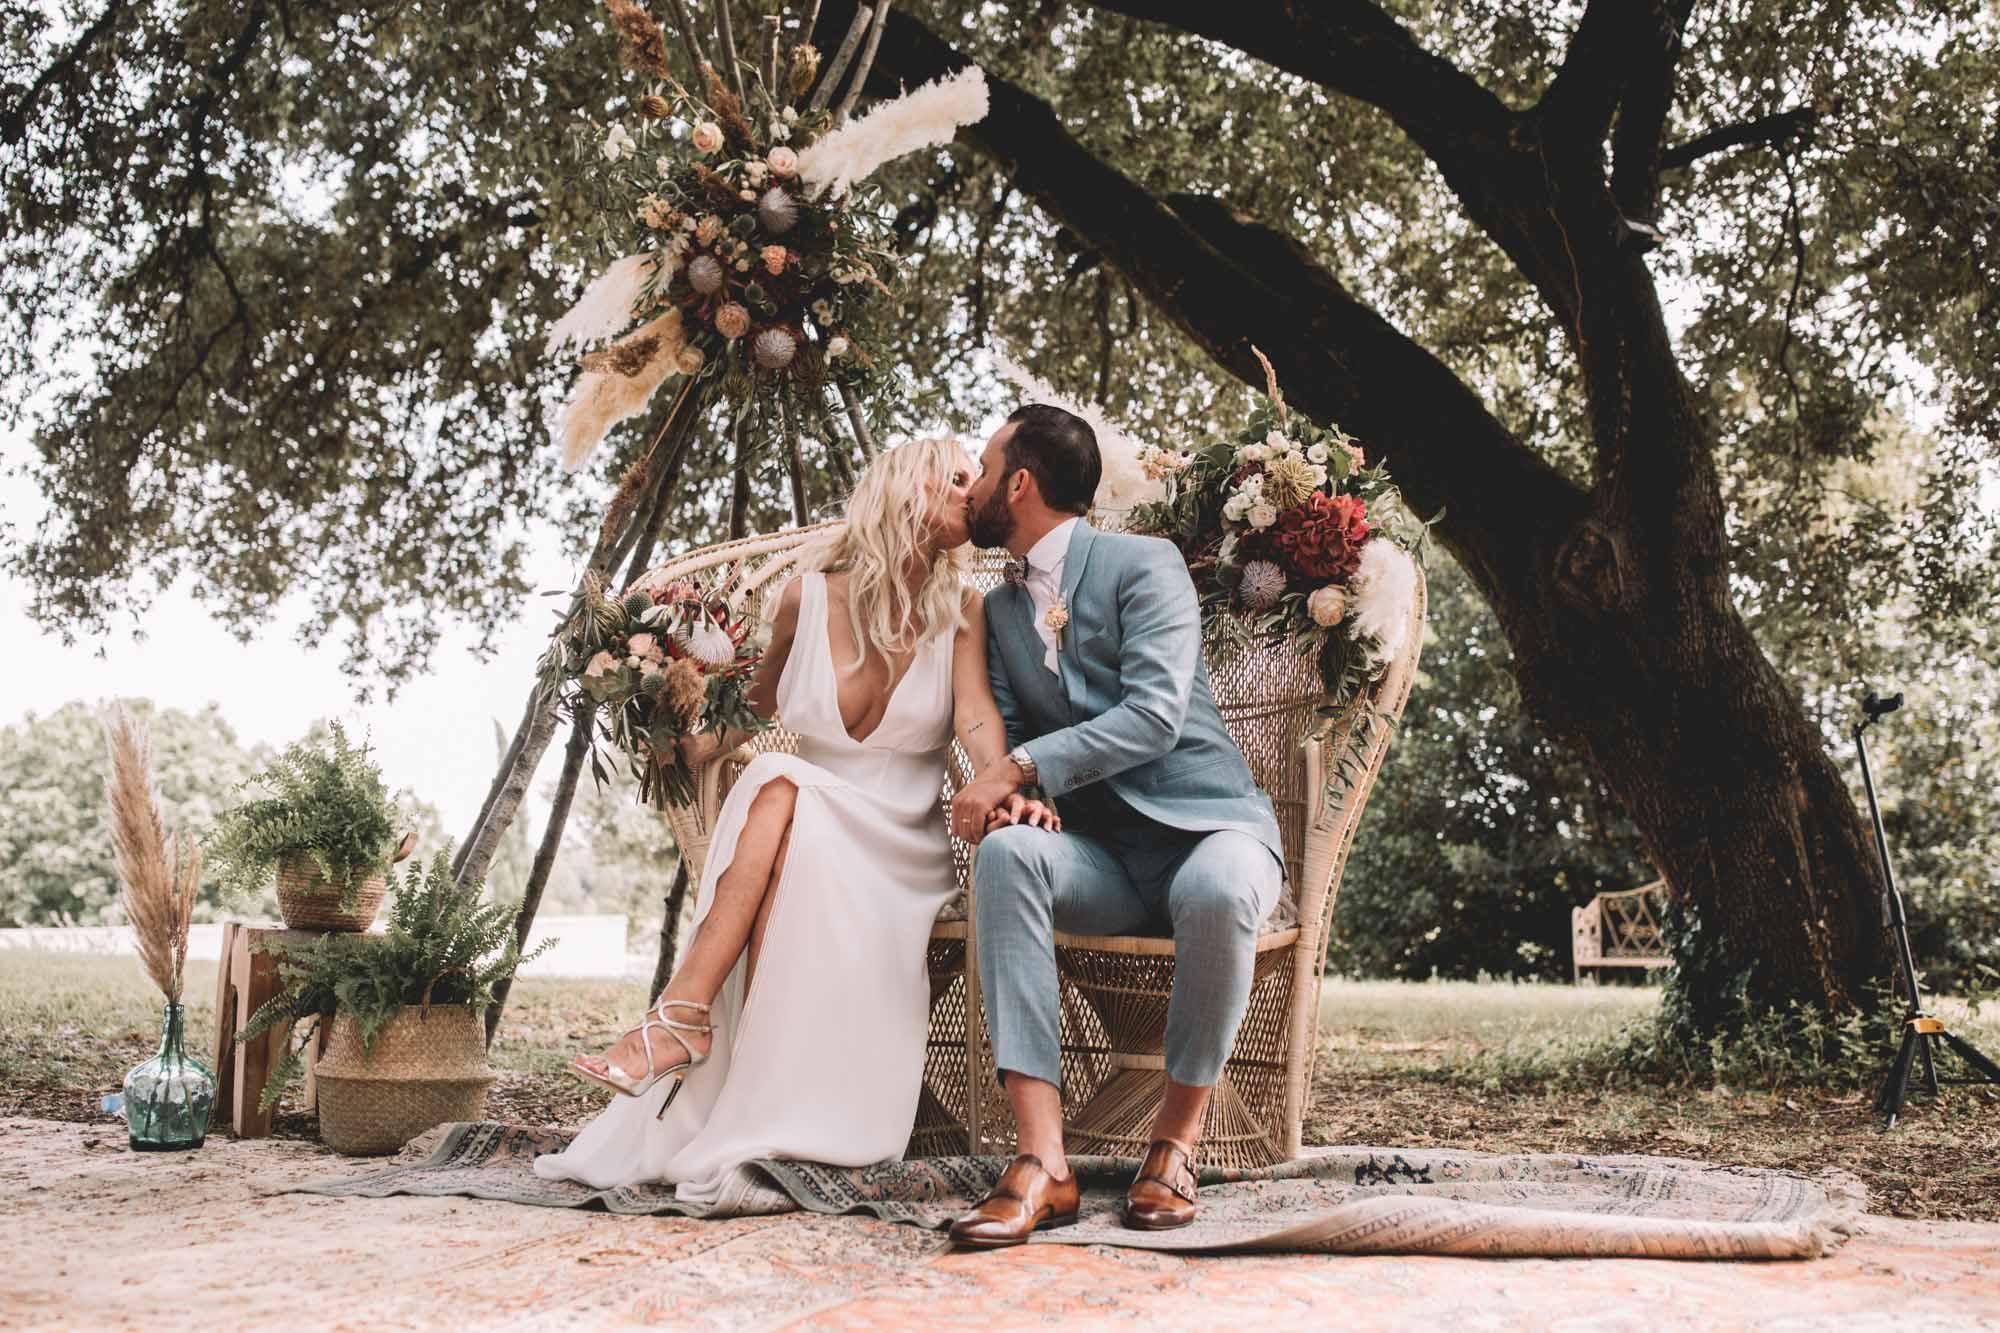 SANDDY+SIMON_LES DOMAINES DE PATRAS_PHOTOGRAPHE_MARIAGE_LES BANDITS-20